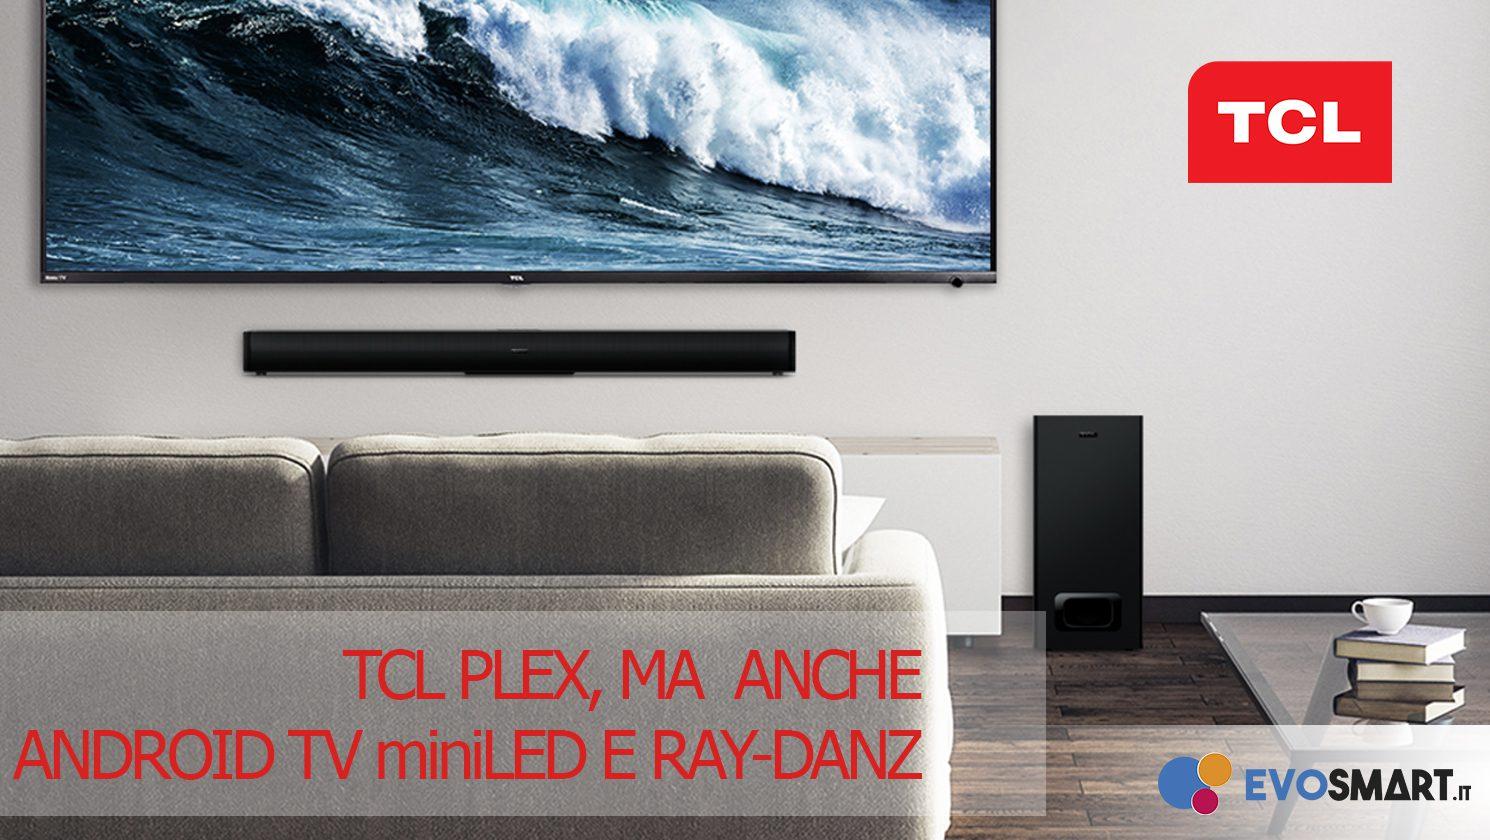 TCL PLEX ufficiale in Italia a 329 €! E non solo...